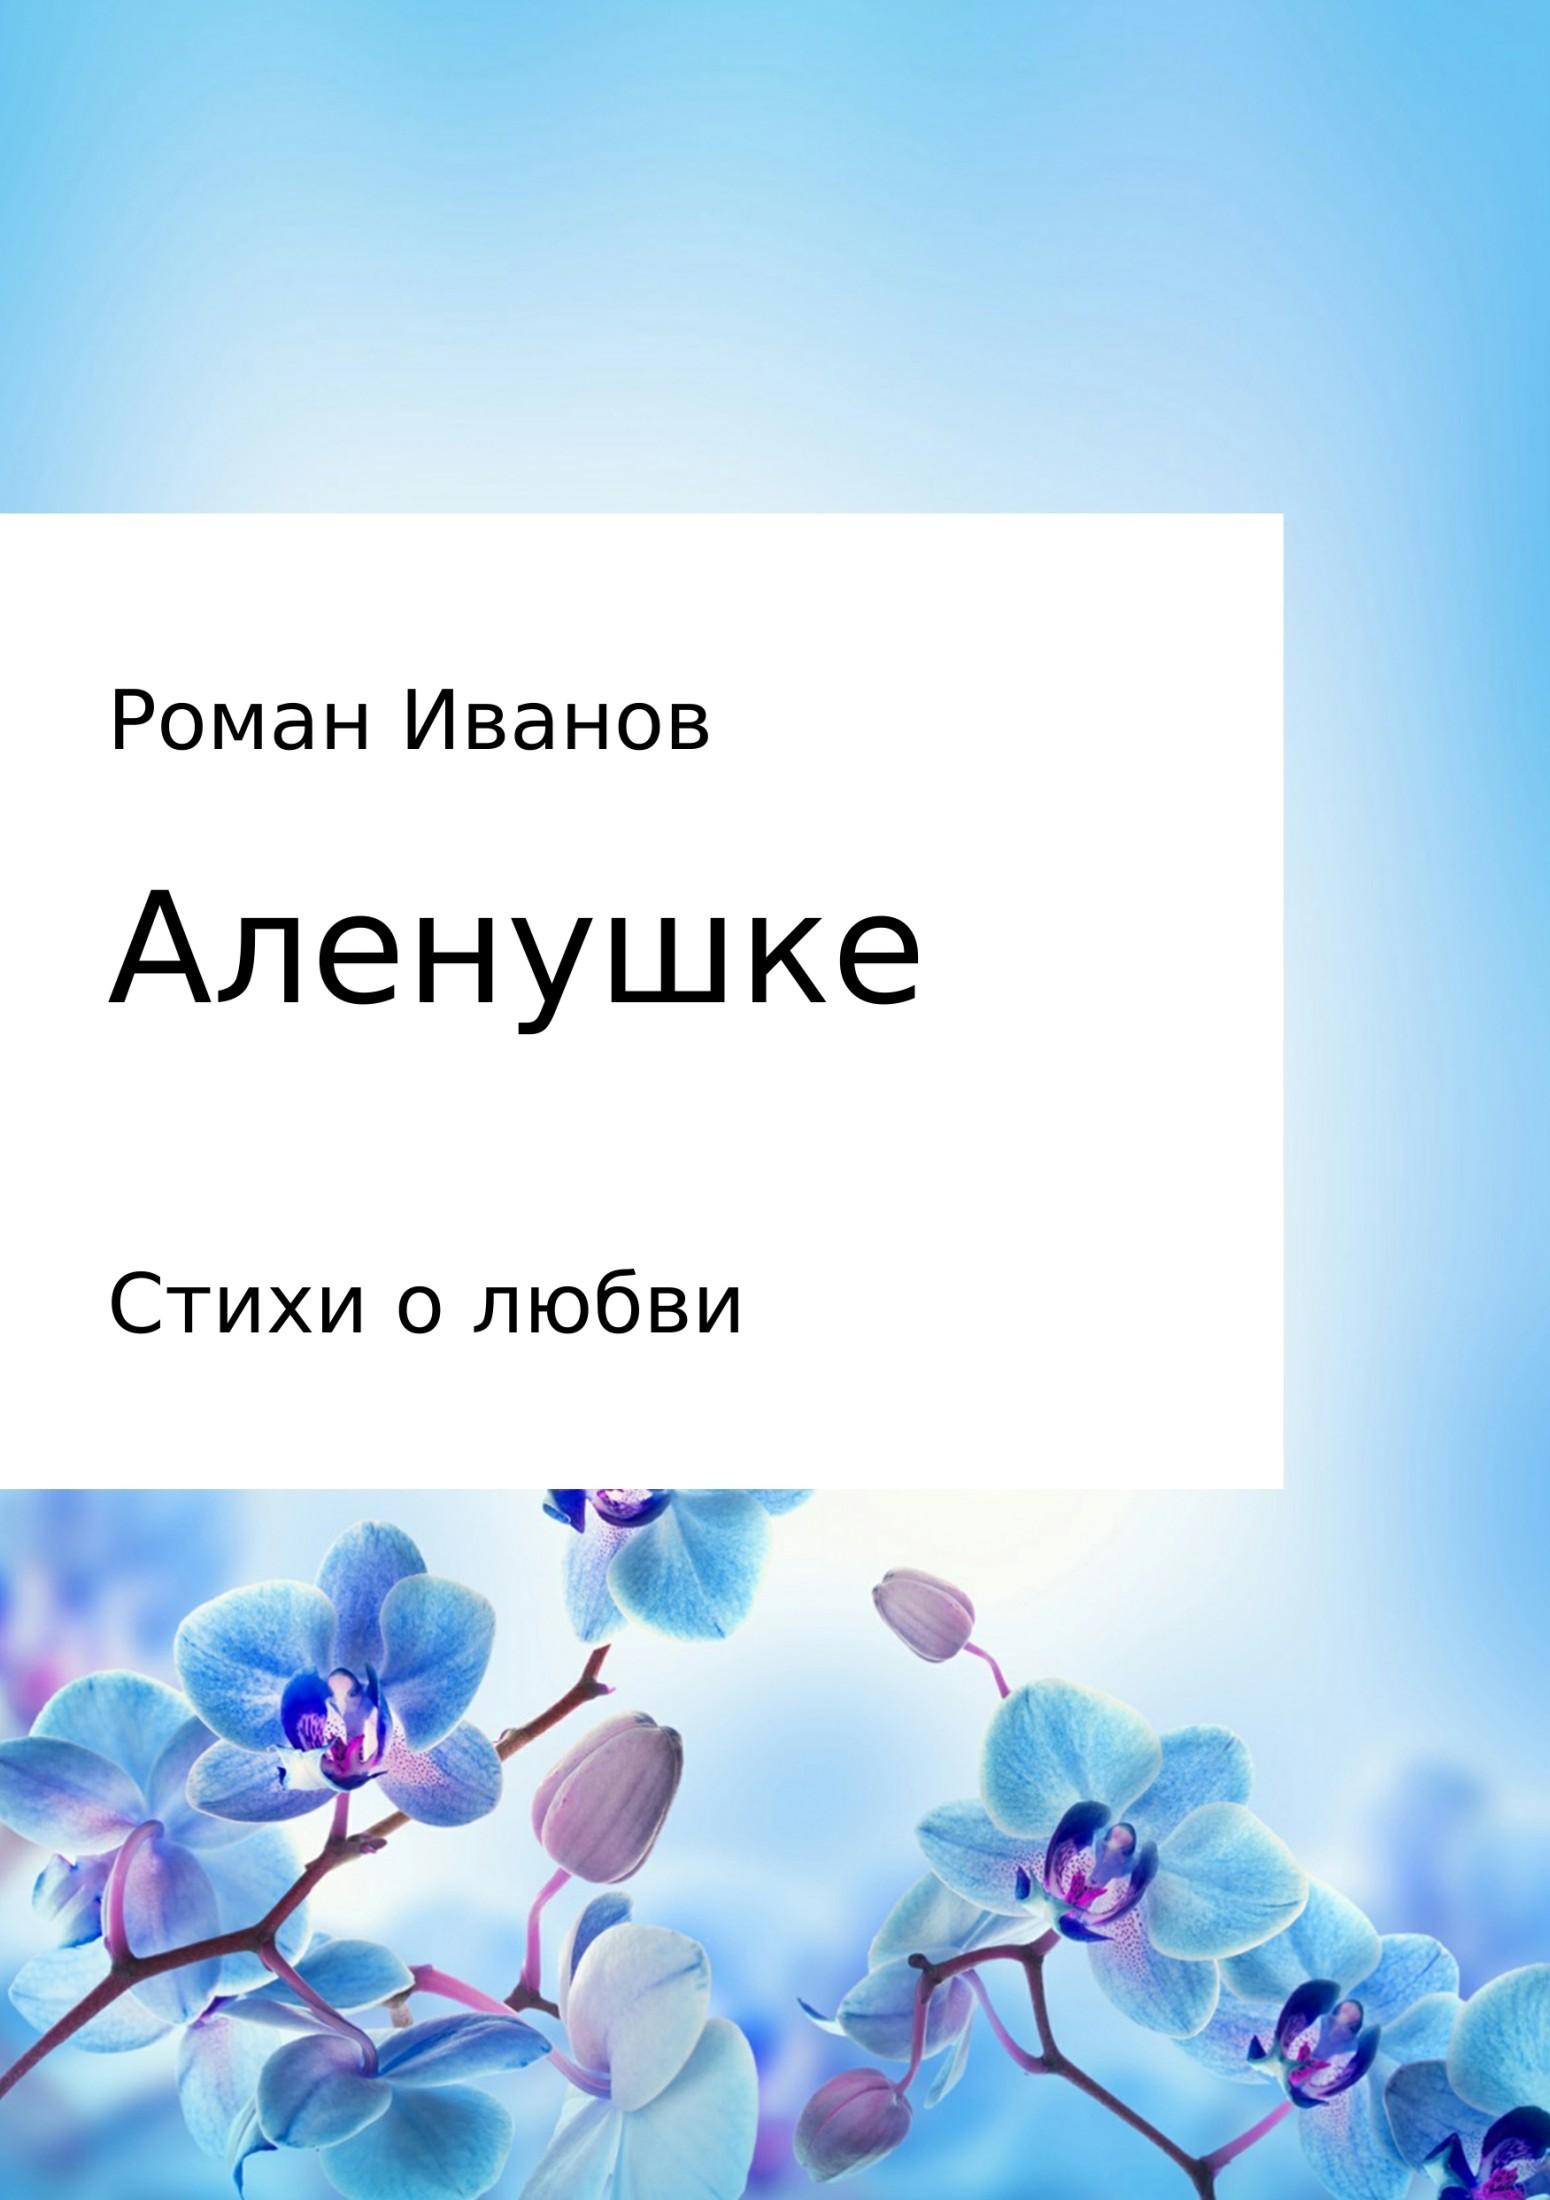 Роман Владиславович Иванов Аленушке. Стихи о любви цена и фото